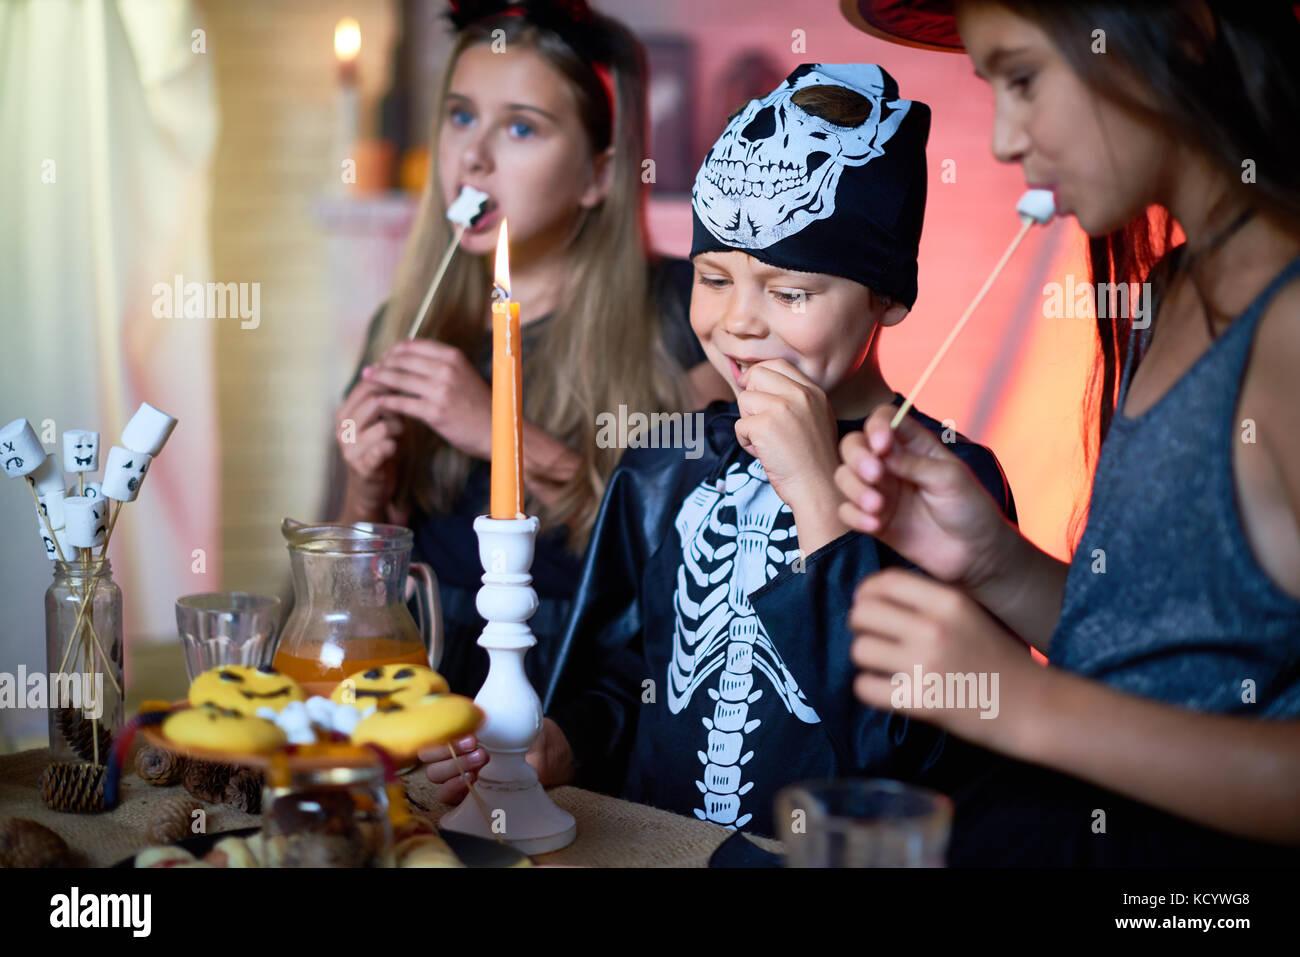 Portrait von Stattlichen kleinen Jungen tragen Skelett Kostüm genießen Lecker gebratenen Marshmallows Stockbild